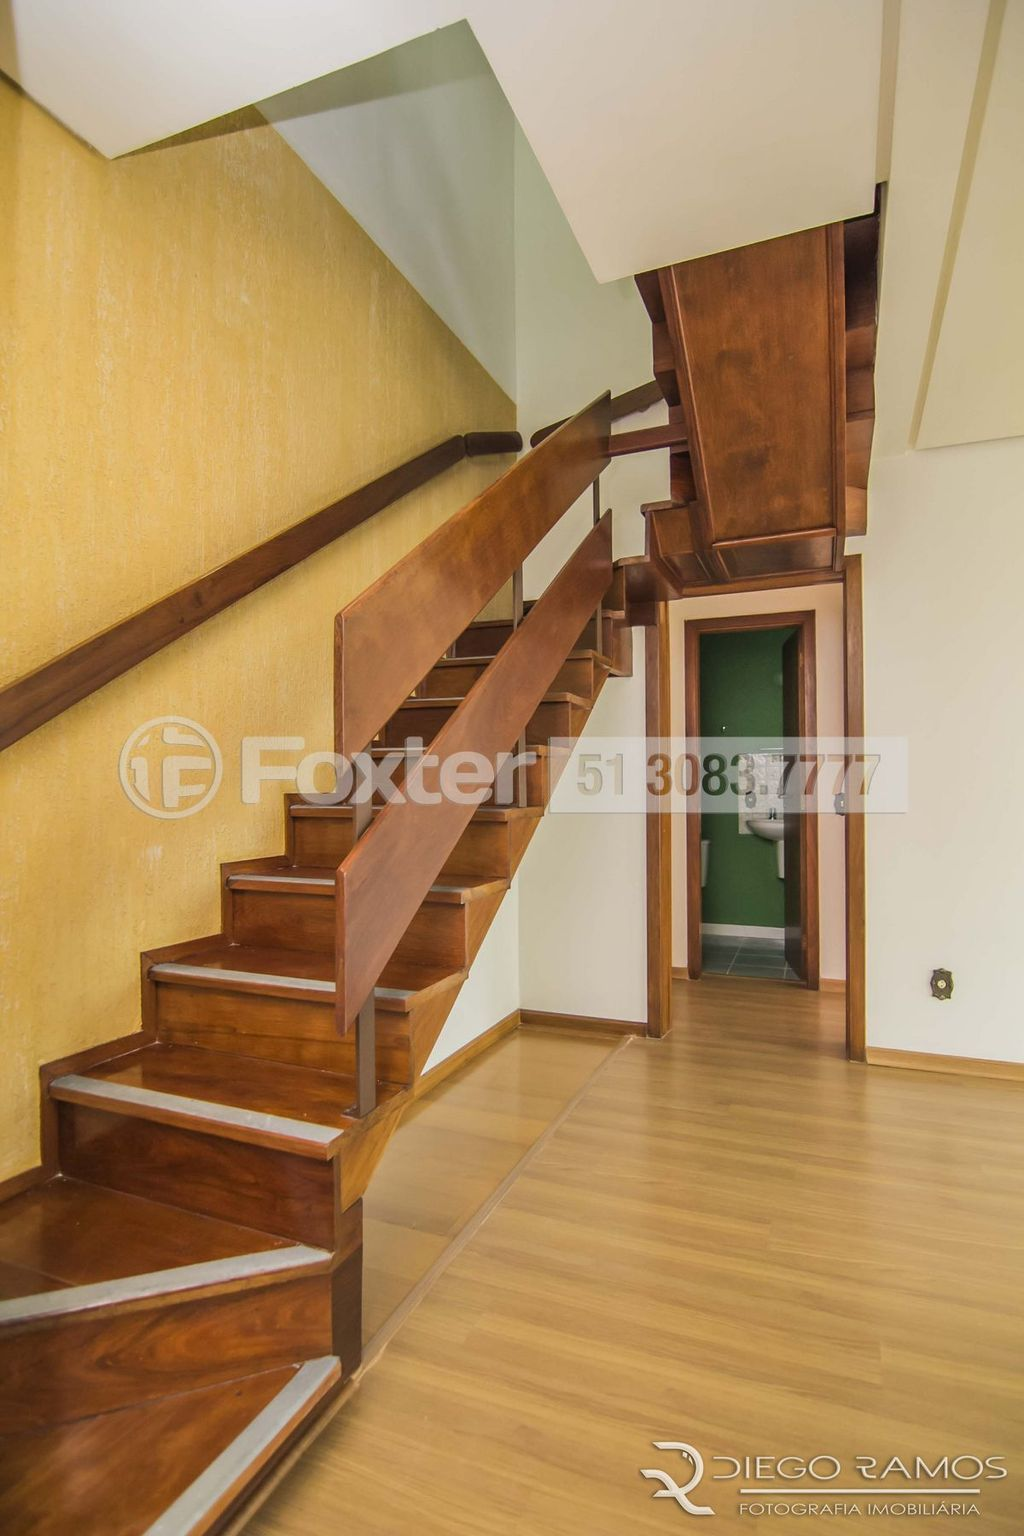 Foxter Imobiliária - Cobertura 1 Dorm (147353) - Foto 14